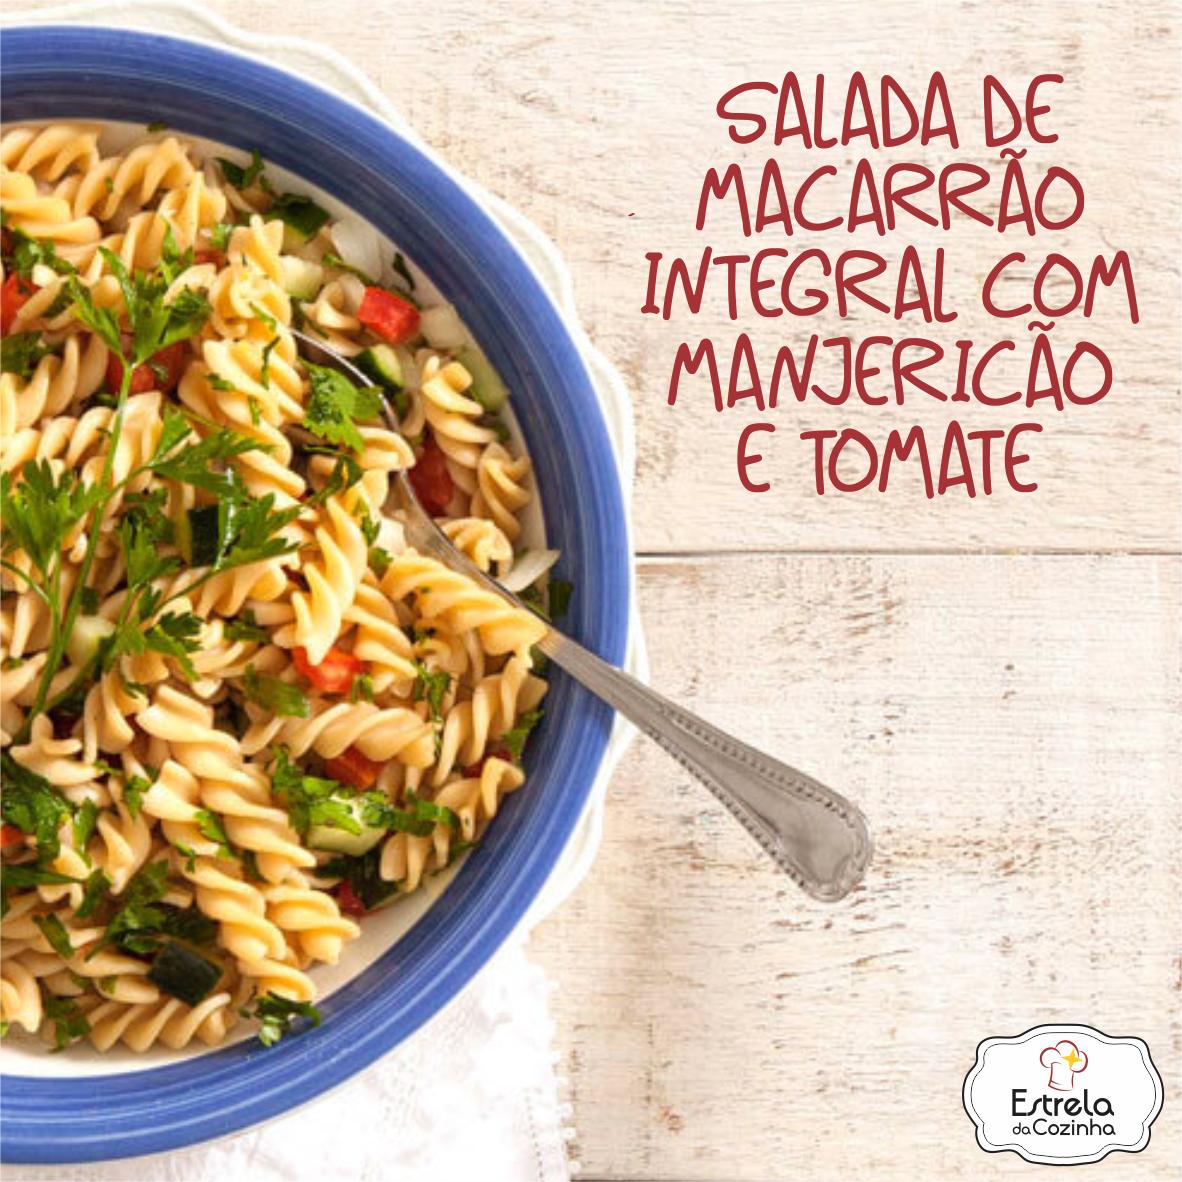 You are currently viewing Salada de macarrão integral com manjericão e tomate